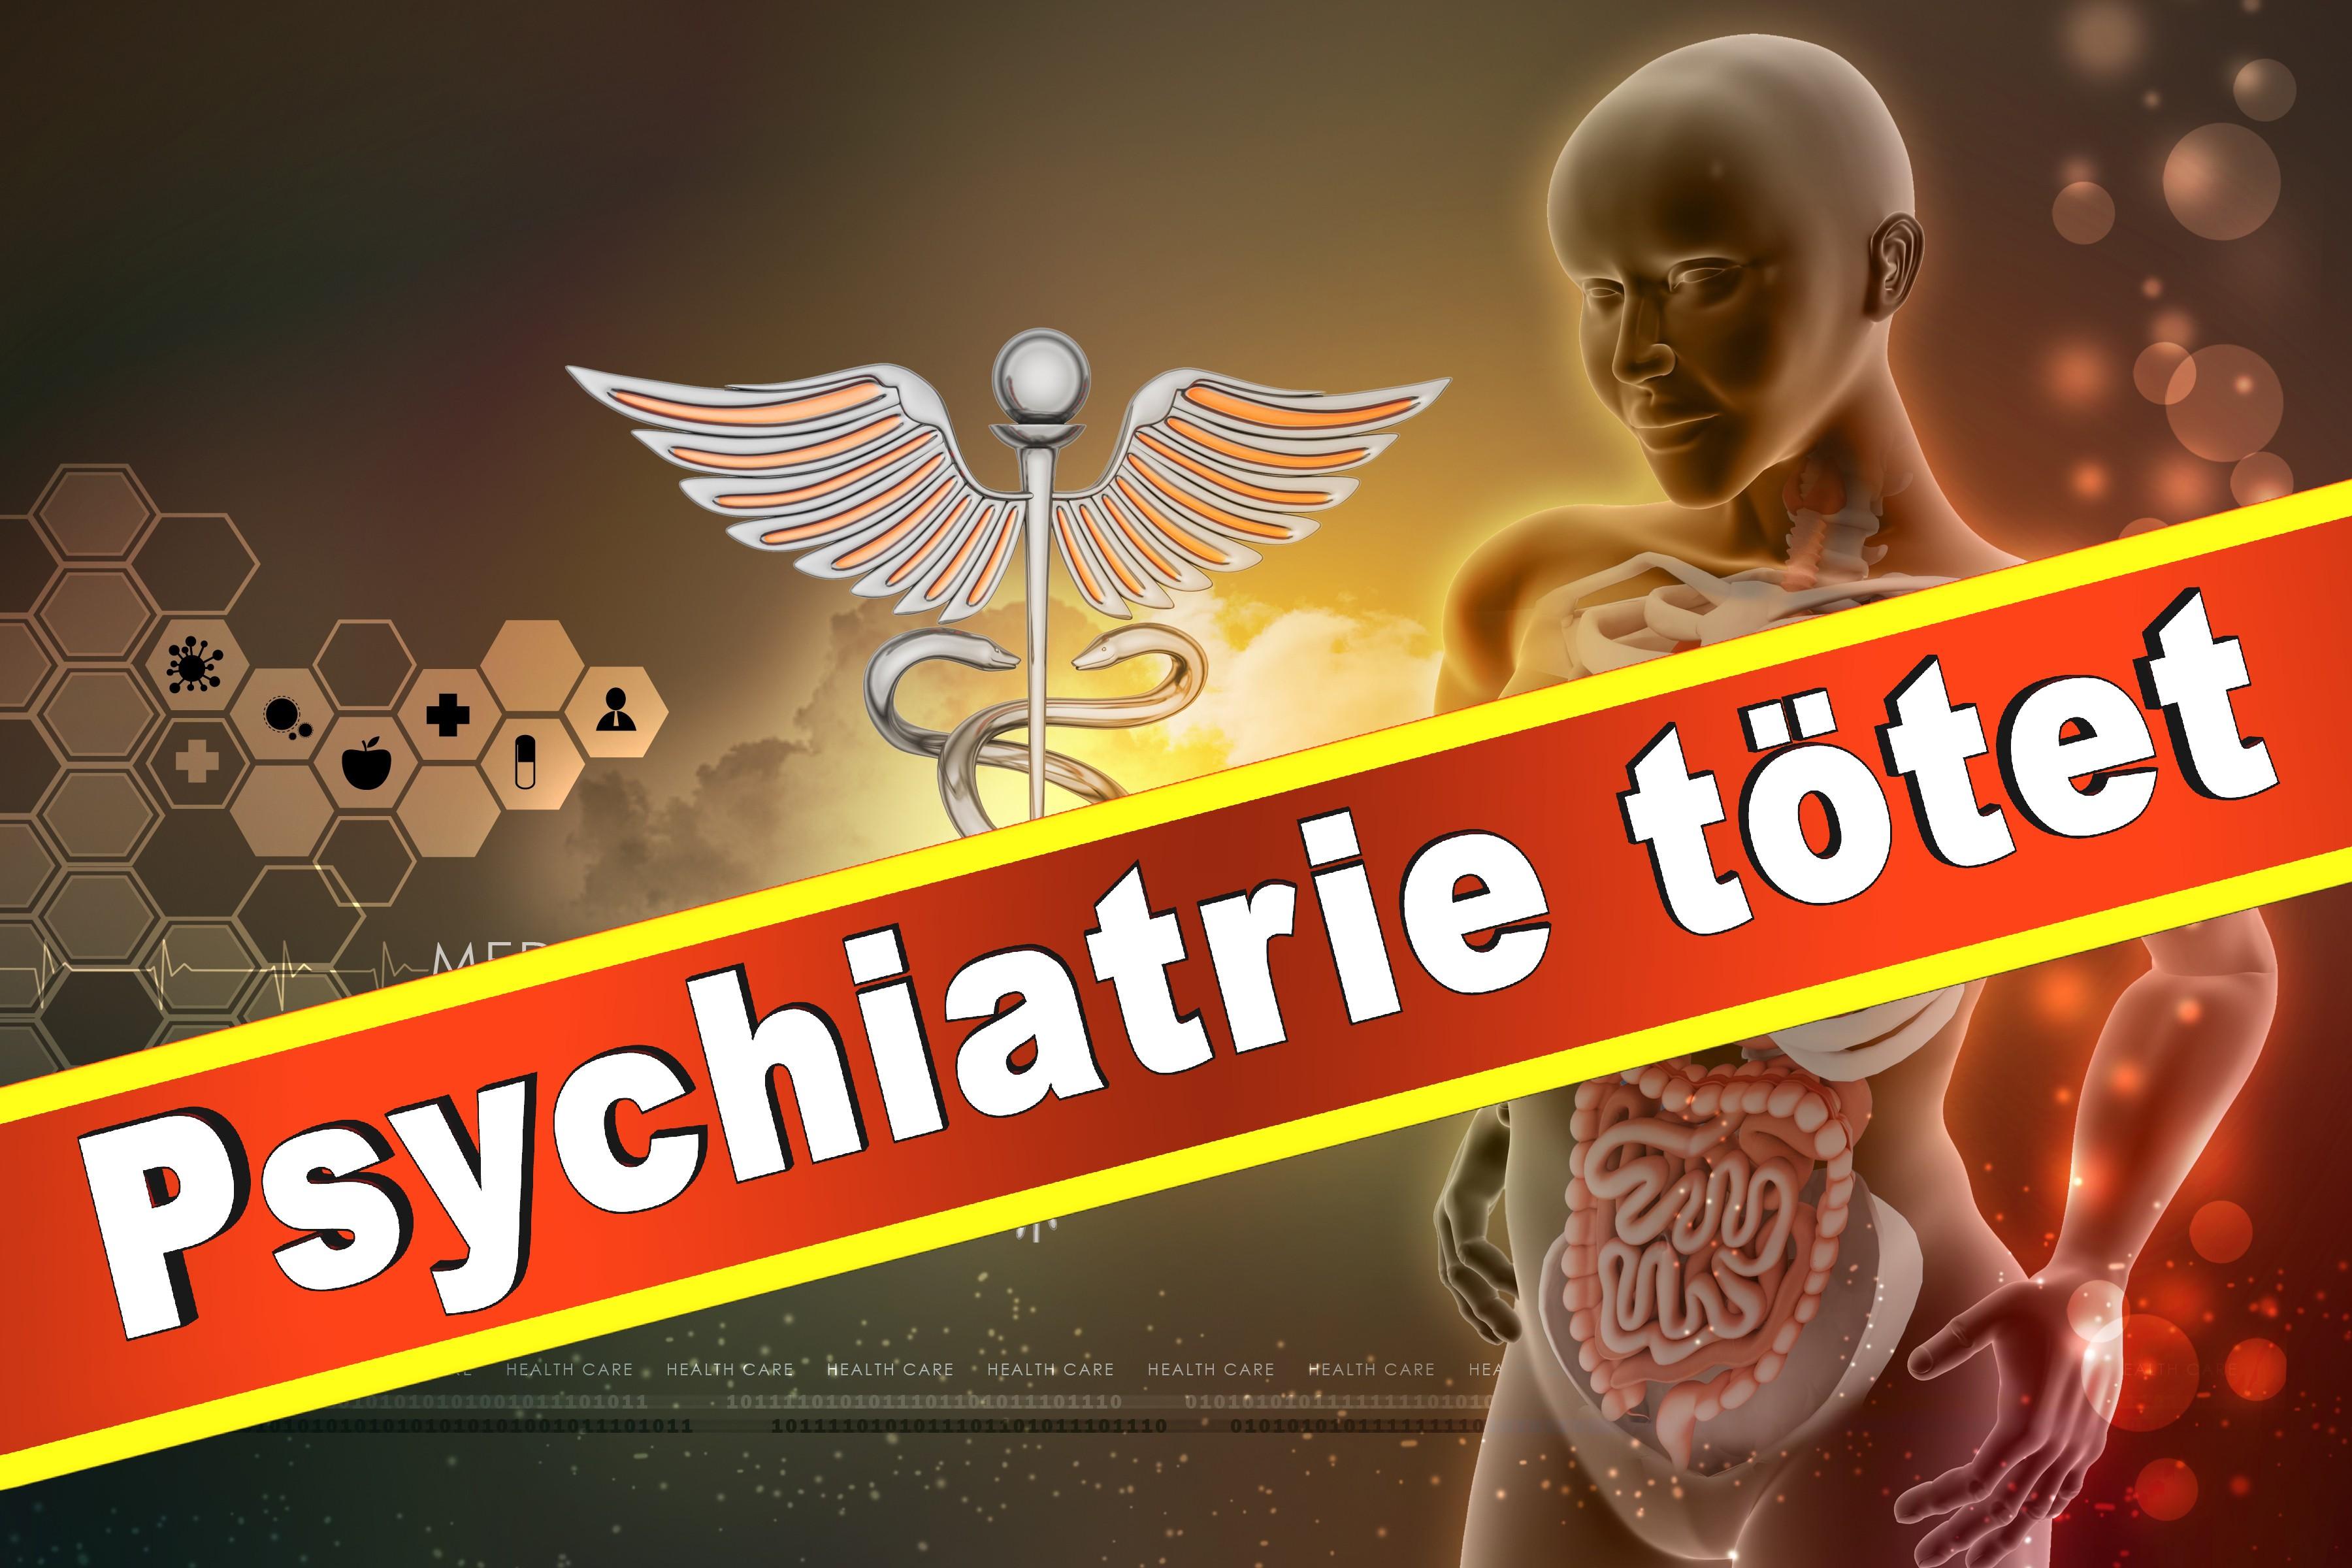 Carl Ernst Von Schönfeld Tagesklinik Psychiatrie Tod Bethel Psychiater Korruption Gift Zwangspsychiatrie Unterbringung (5)